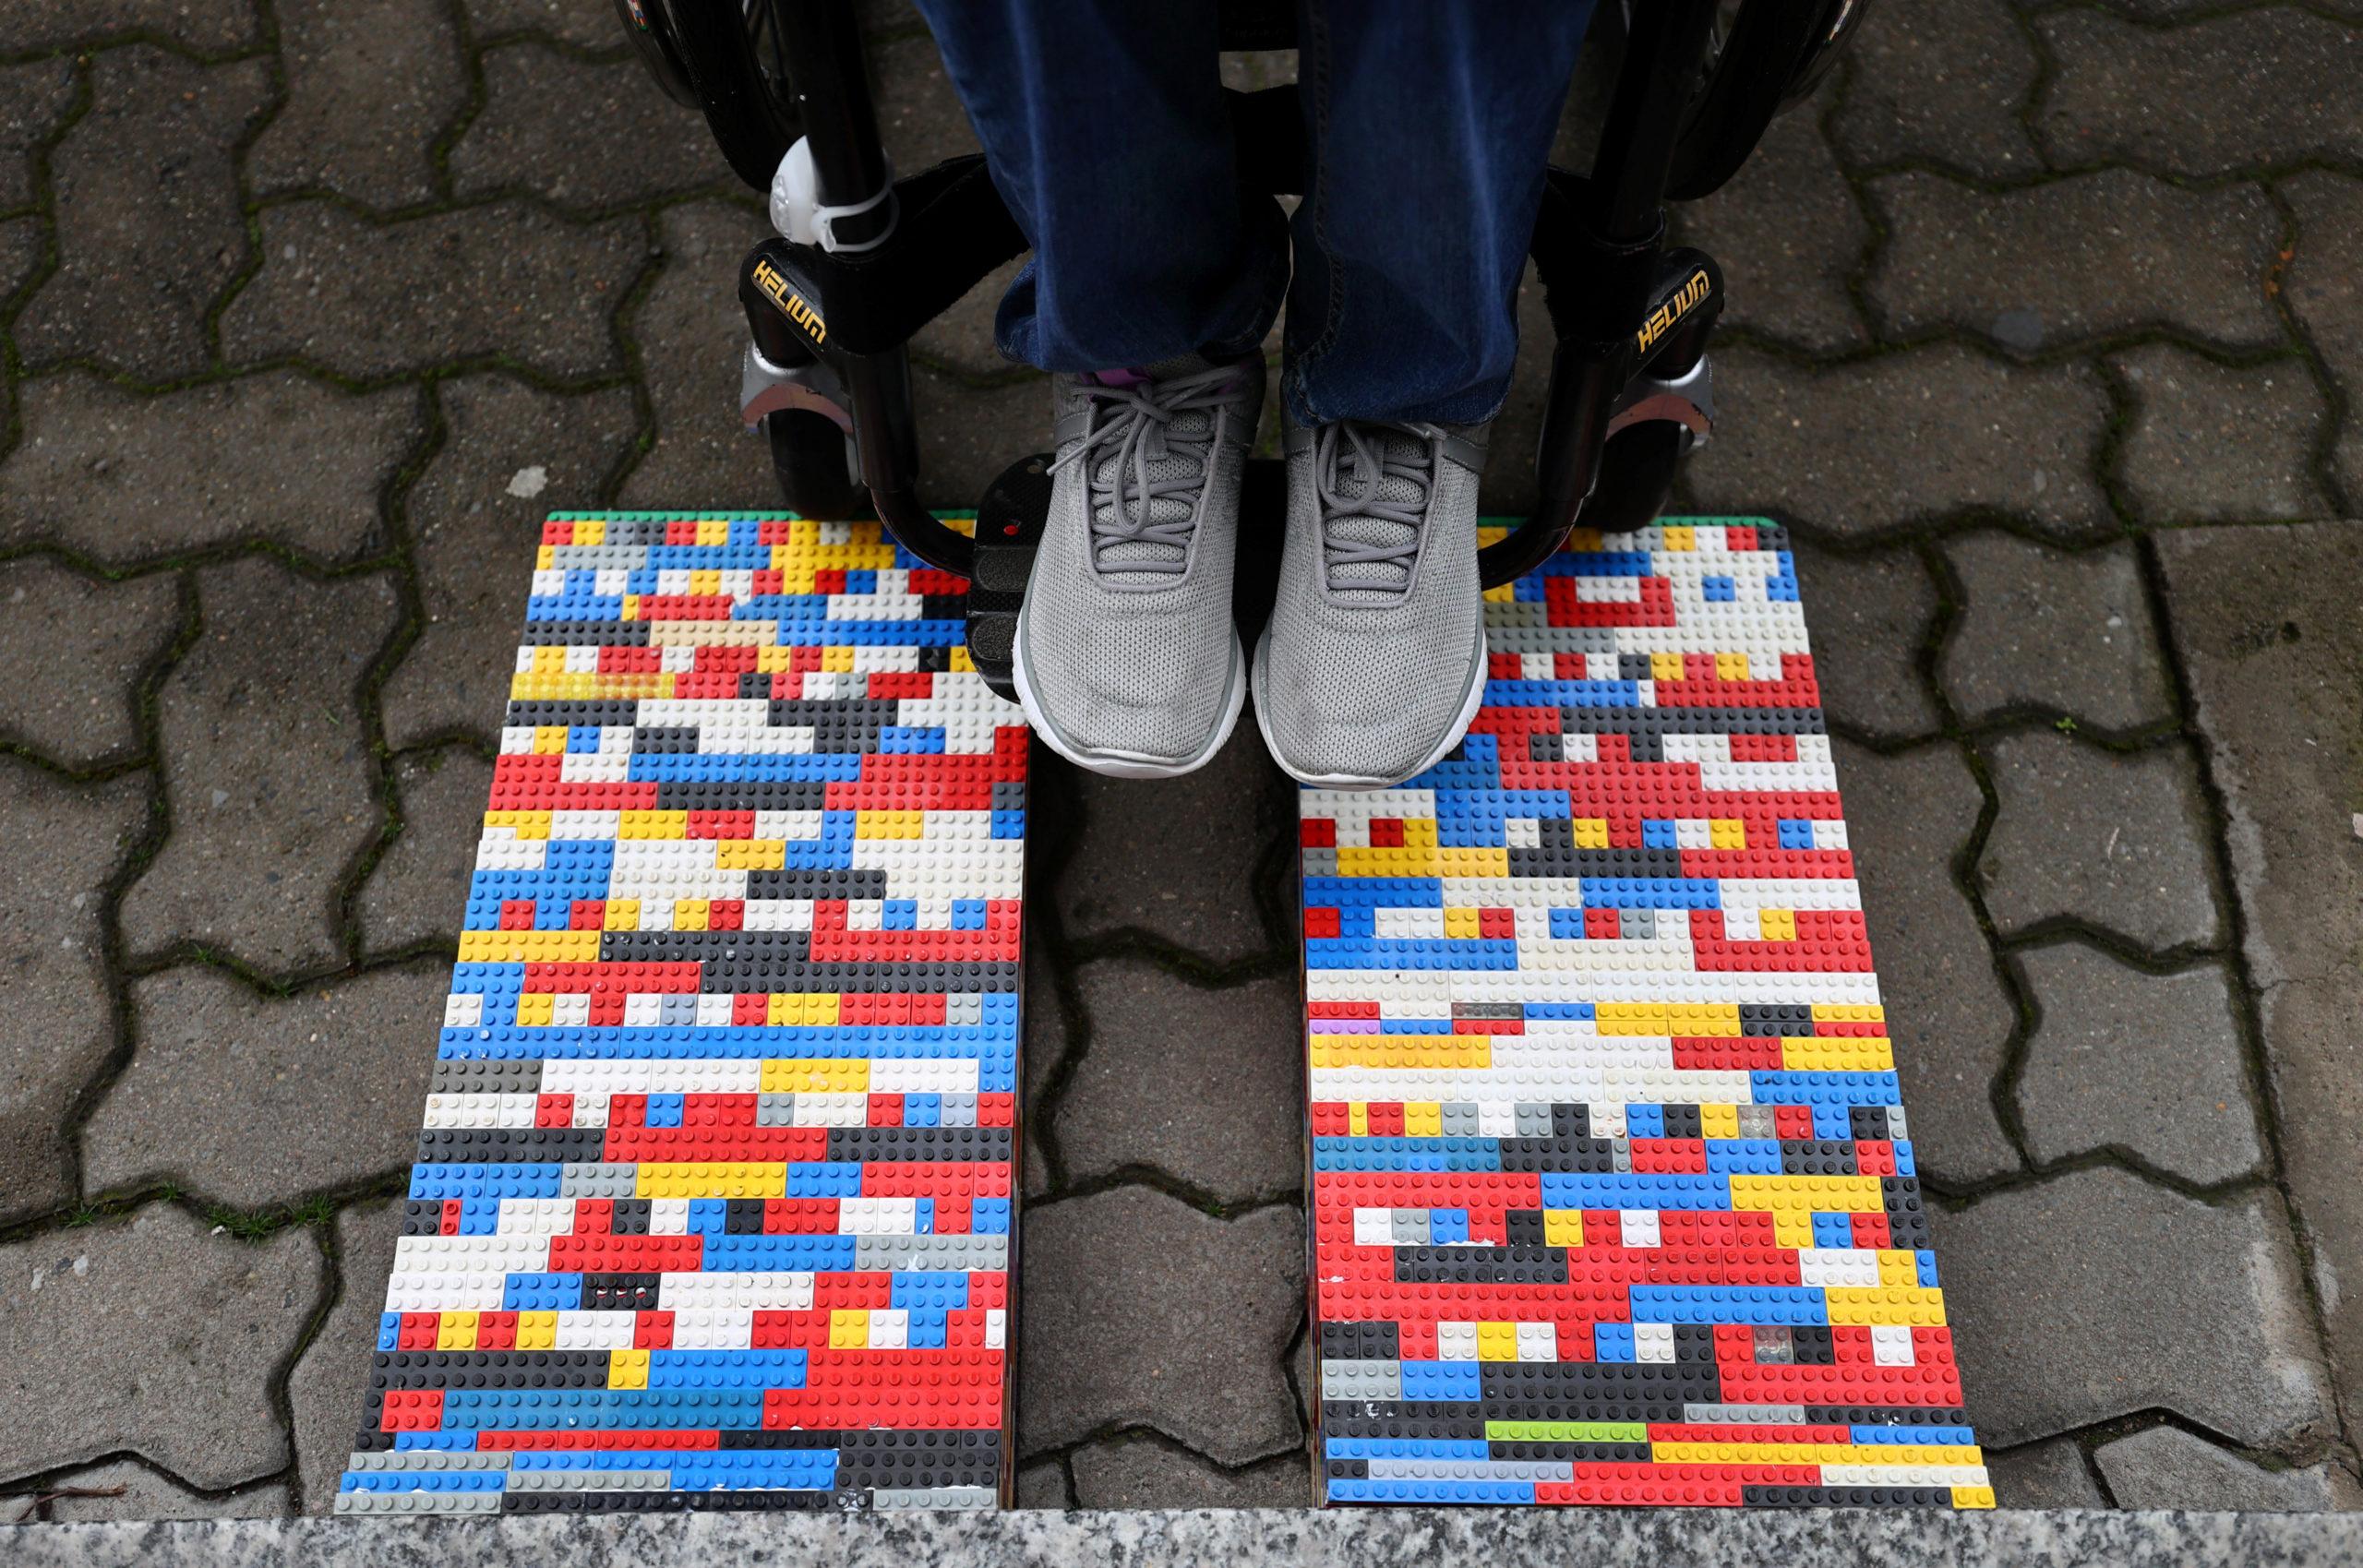 Rita Ebel construye rampas para sillas de ruedas con ladrillos de Lego donados, en la sala de su apartamento, en Hanau, Alemania / Reuters